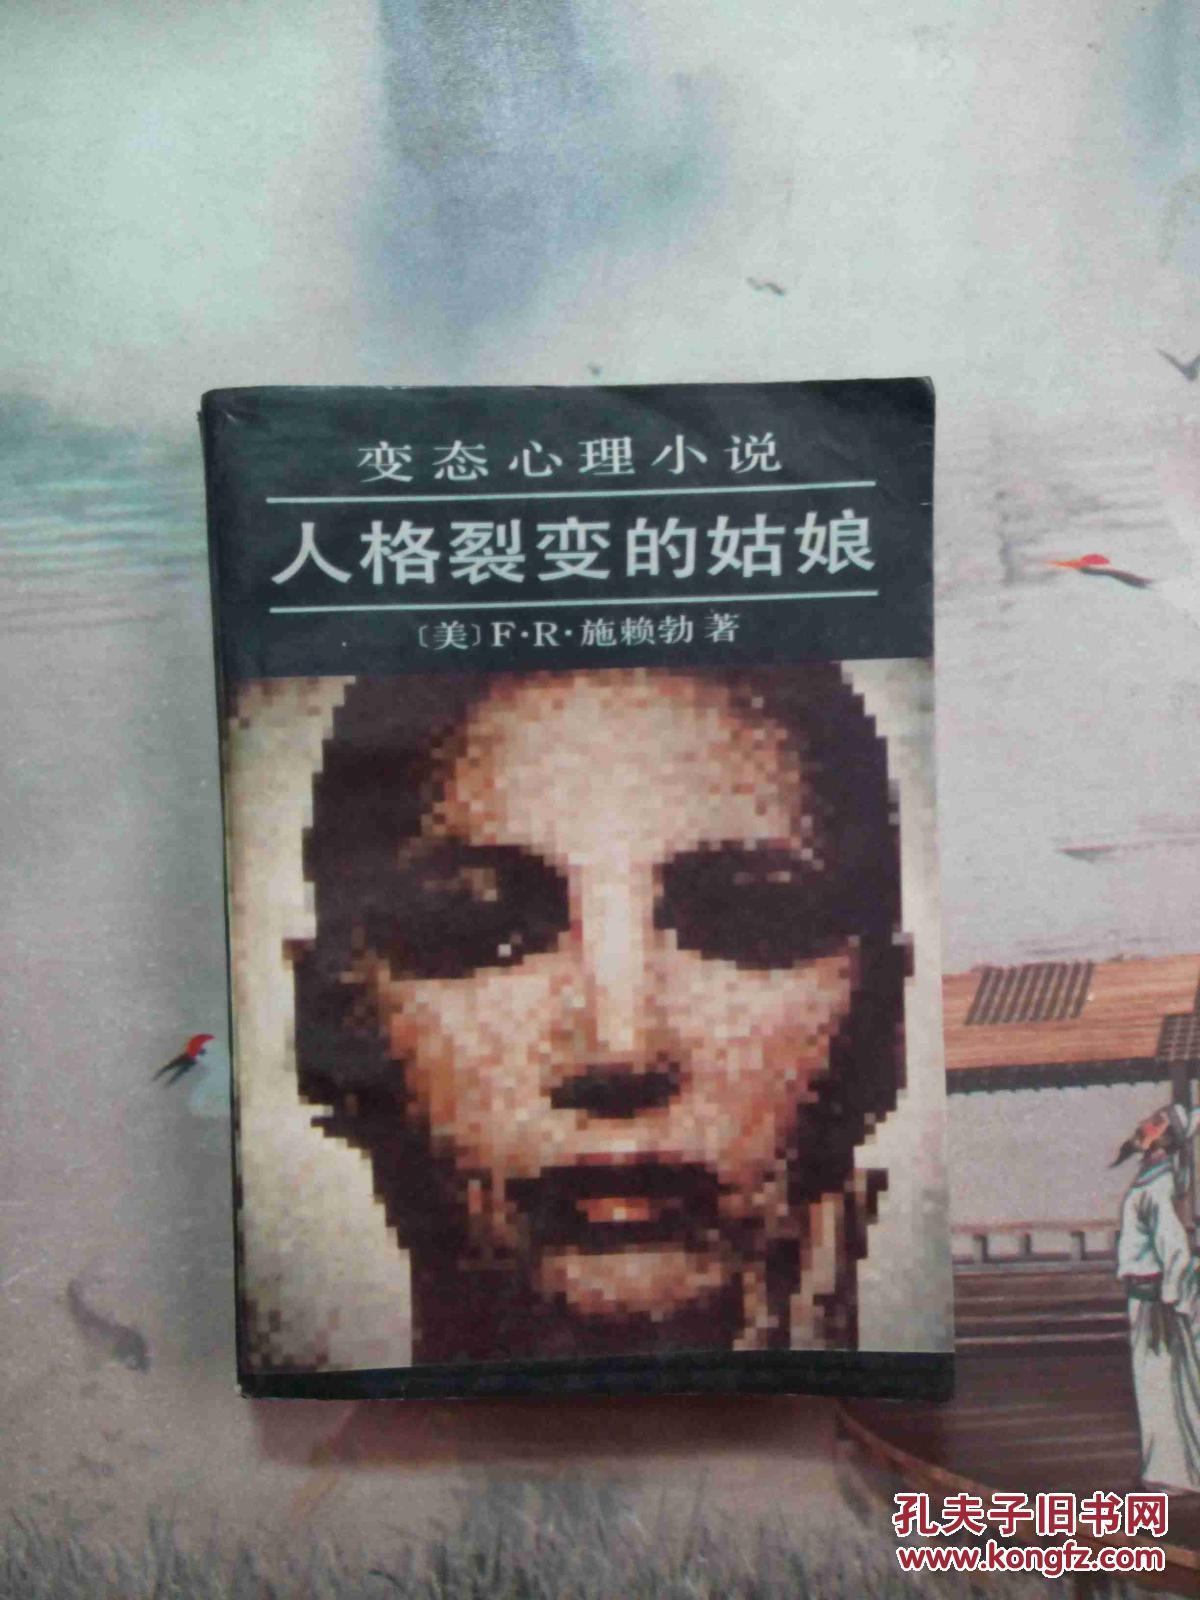 《豪门重生之法医娇妻别黑化》 内容简介:前世她被囚禁精神病院八年